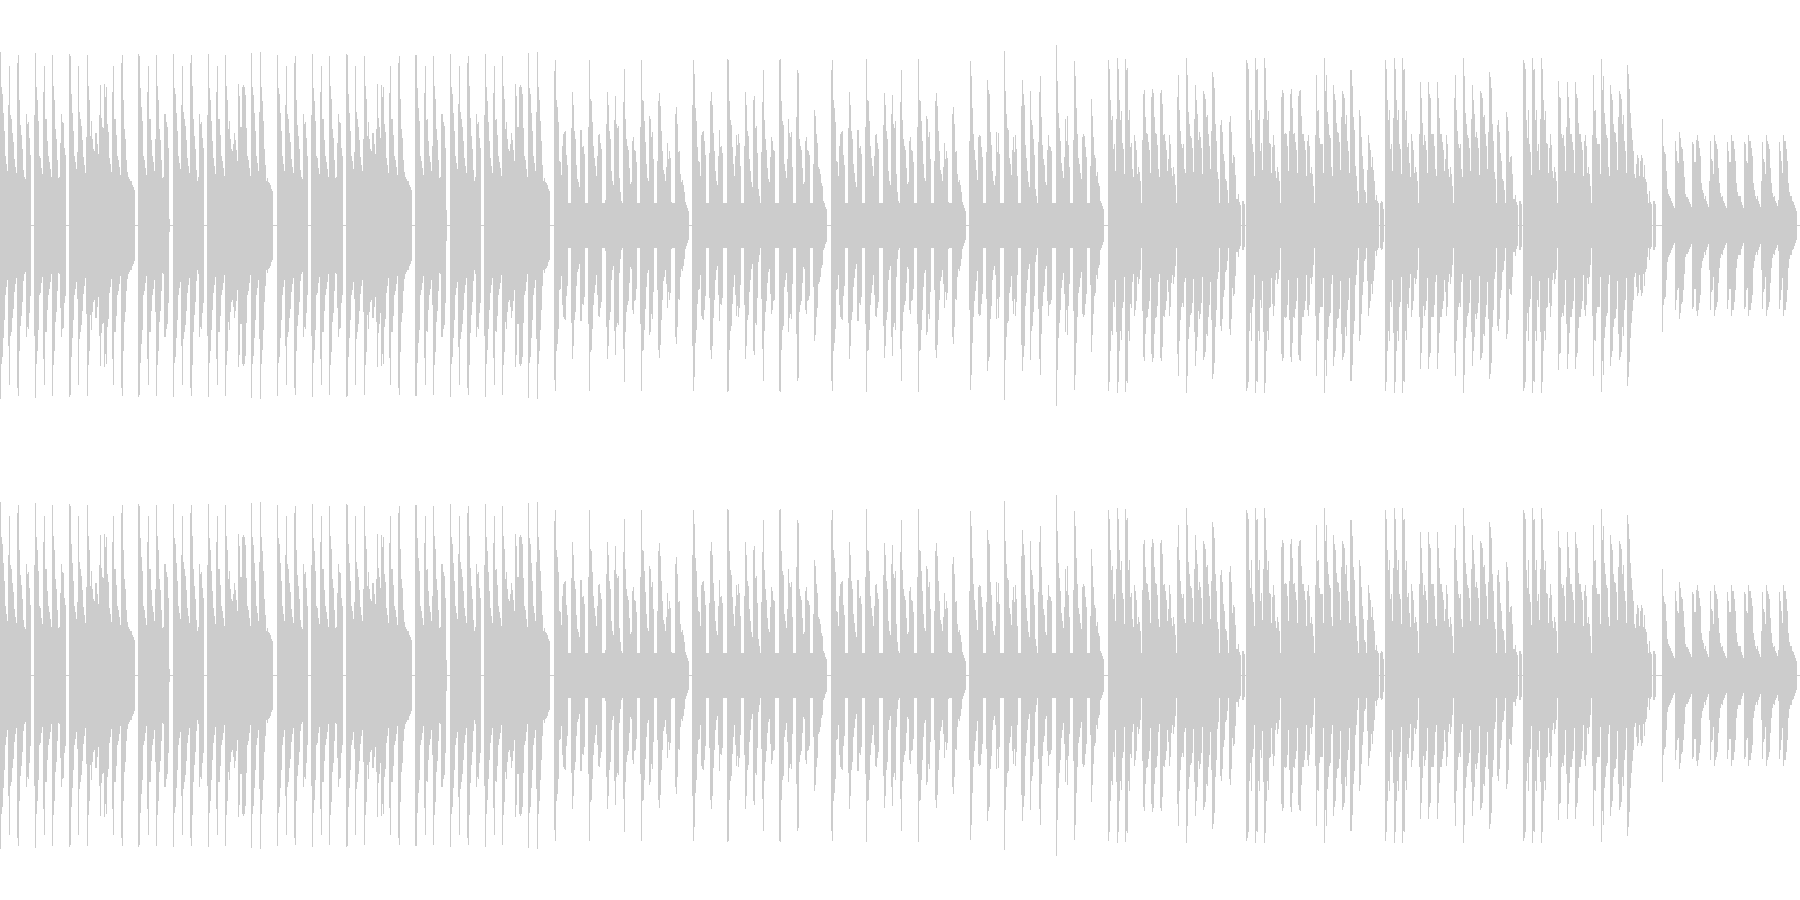 ダンディ、クールなレトロゲーム風バラードの未再生の波形